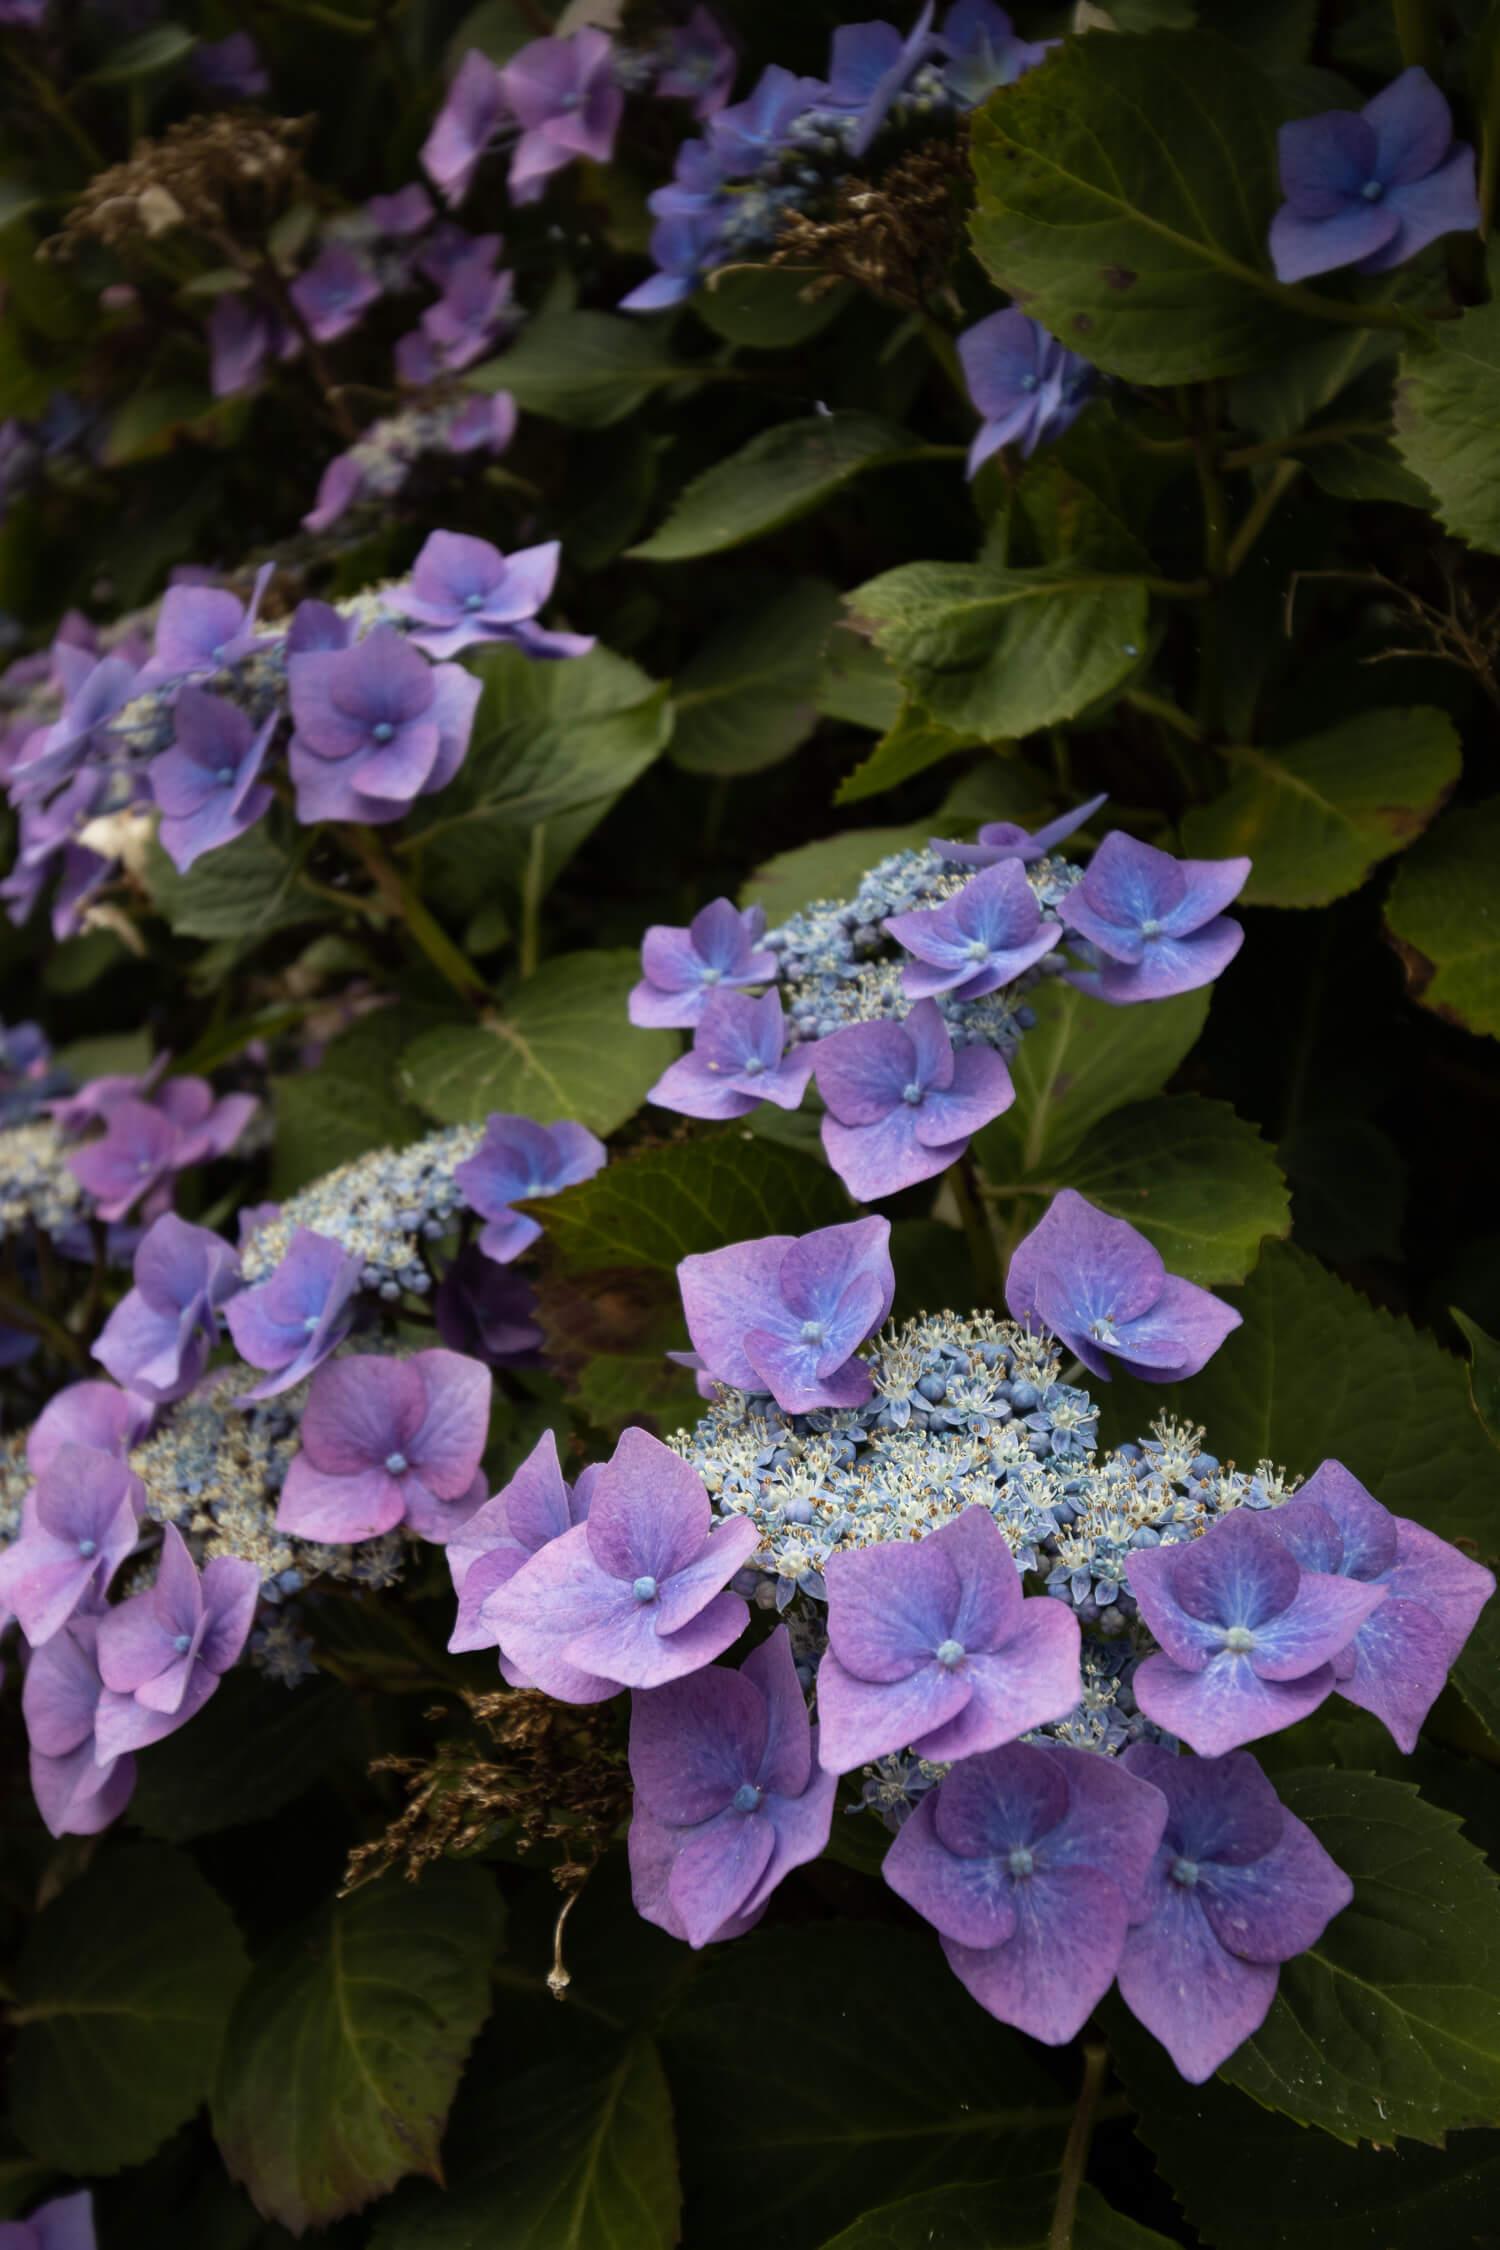 Hortensias bleus en fleurs à Huelgoat en Bretagne